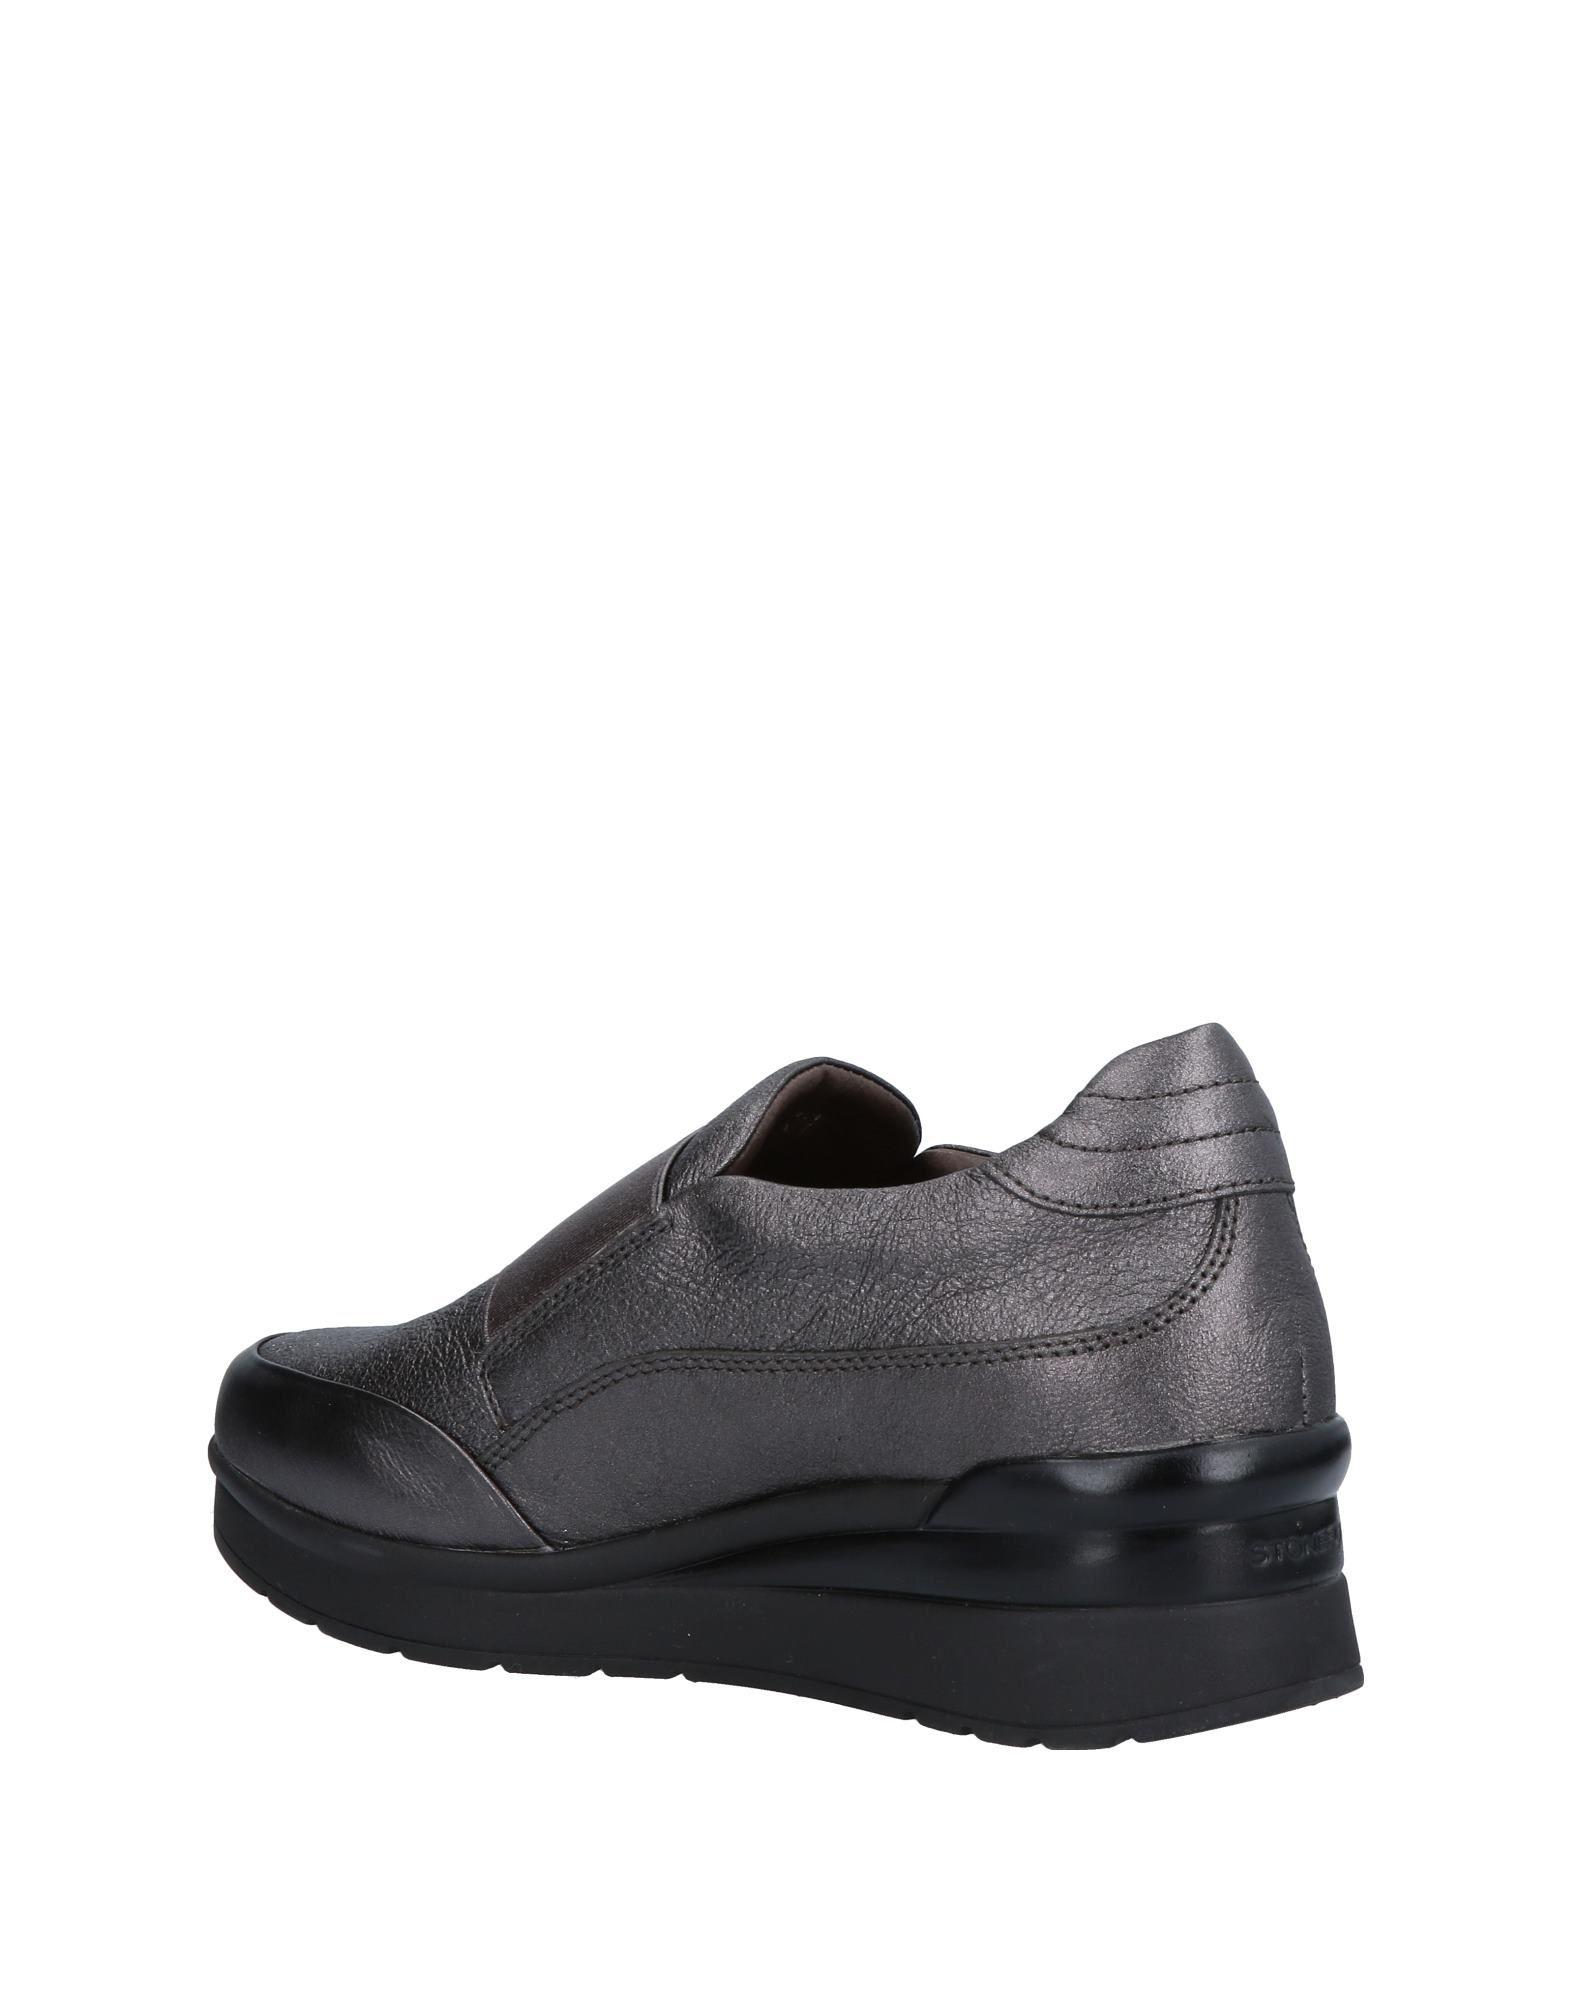 Stonefly Turnschuhes Turnschuhes Turnschuhes Damen 11467206KN Gute Qualität beliebte Schuhe 6a668a